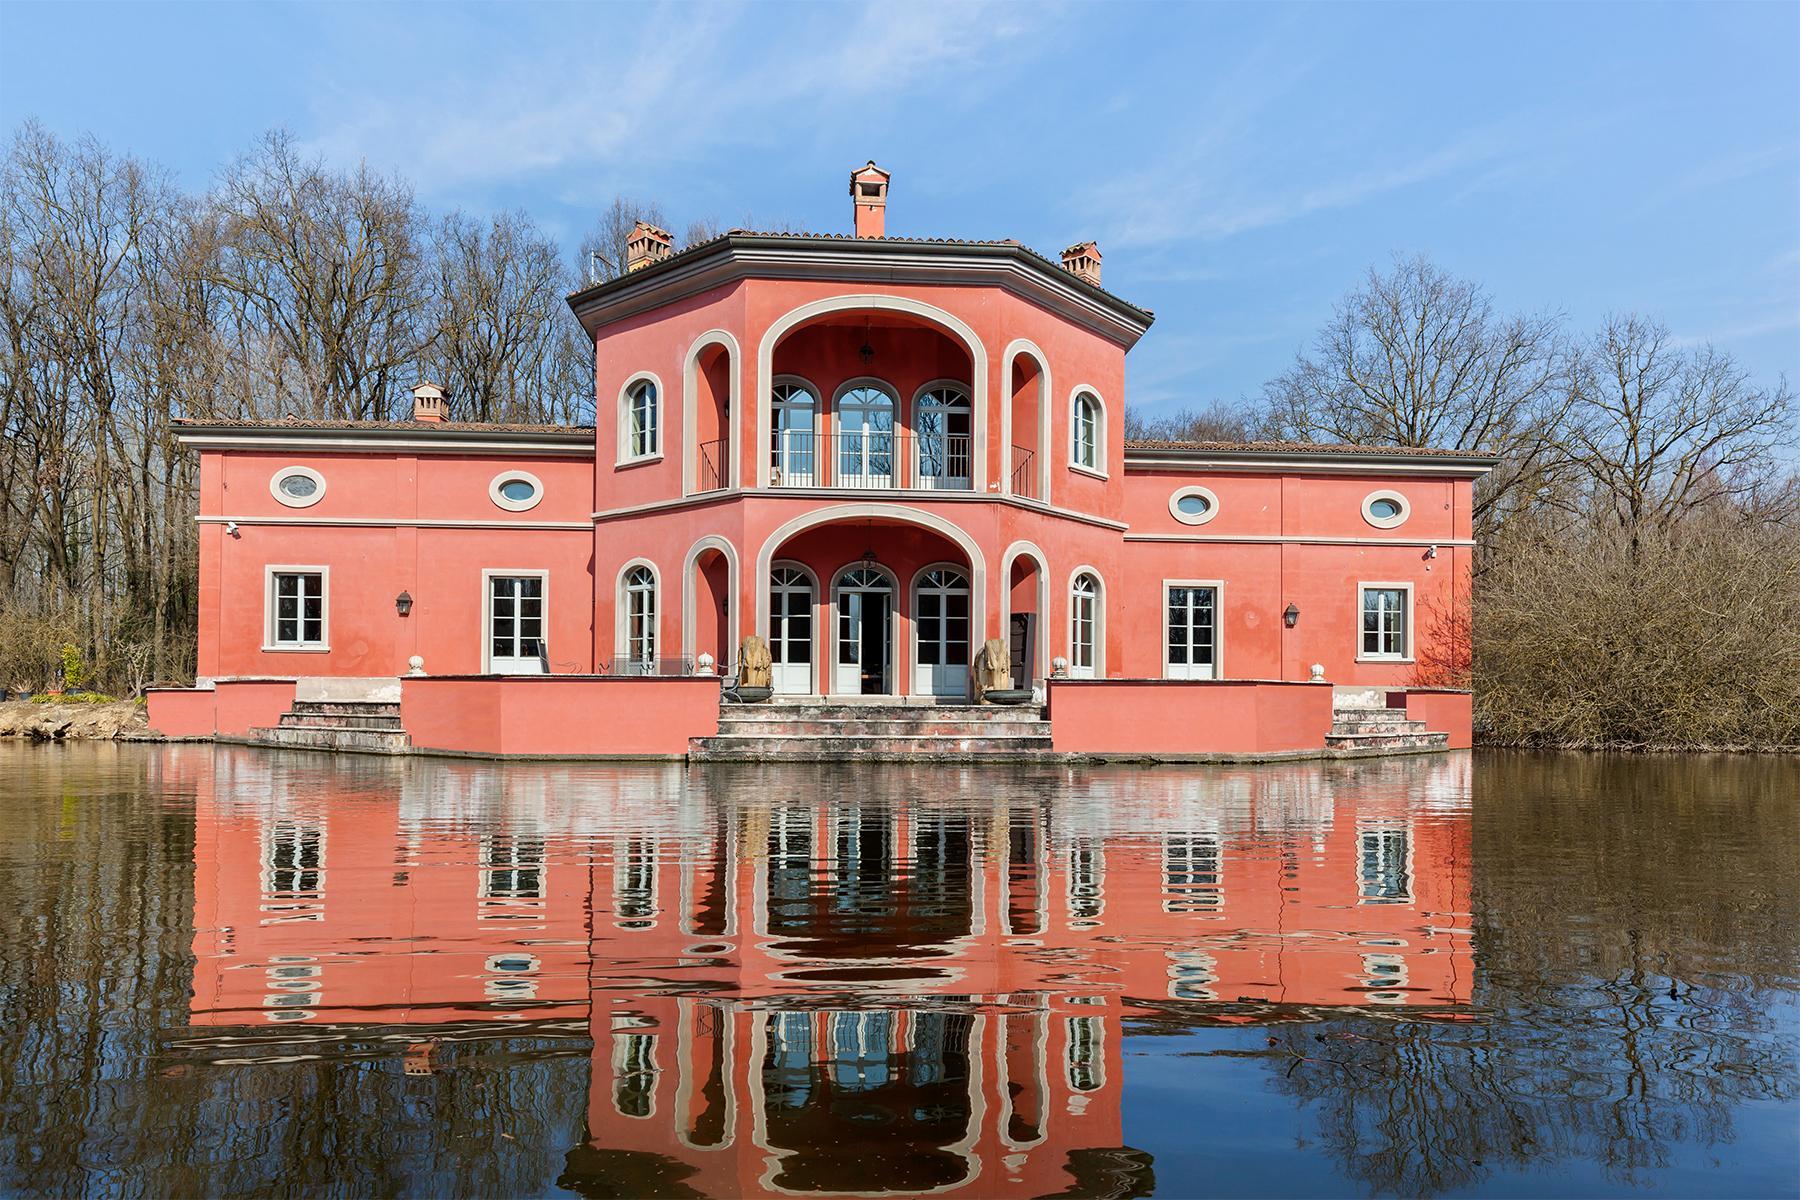 Suggestiva proprietà con parco e lago privato a pochi minuti da Milano - 1